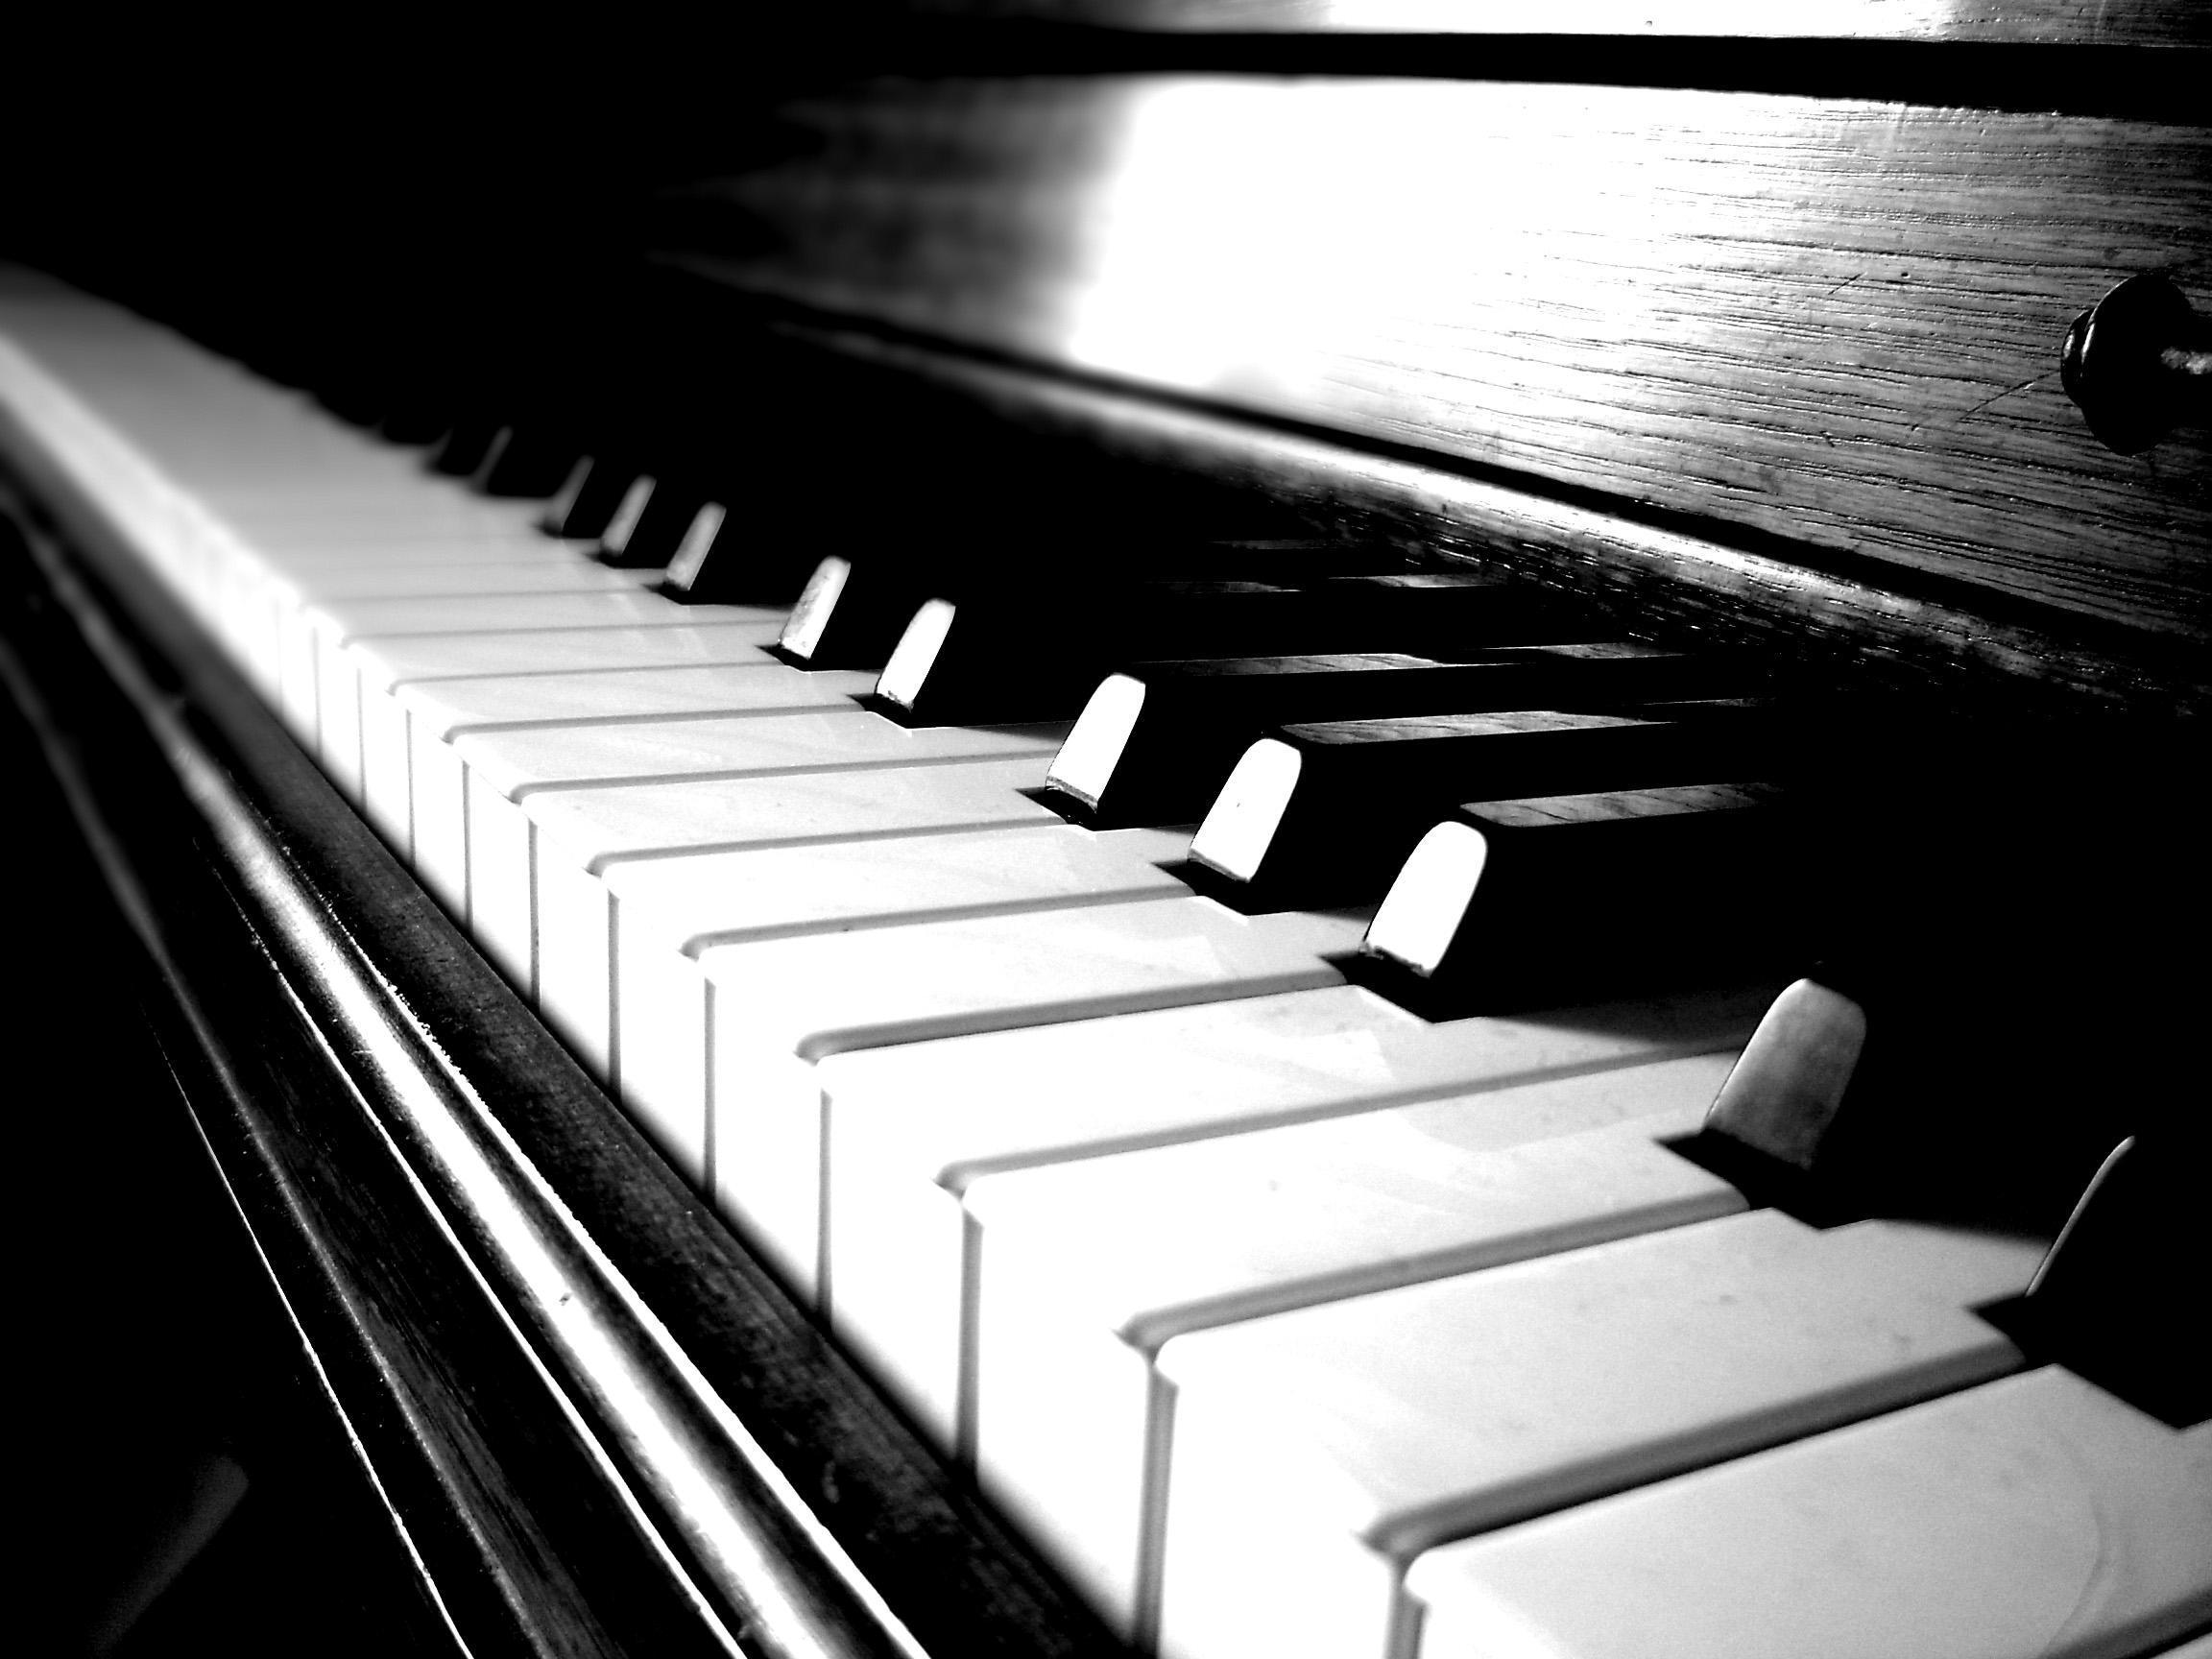 El Diablo The Piano